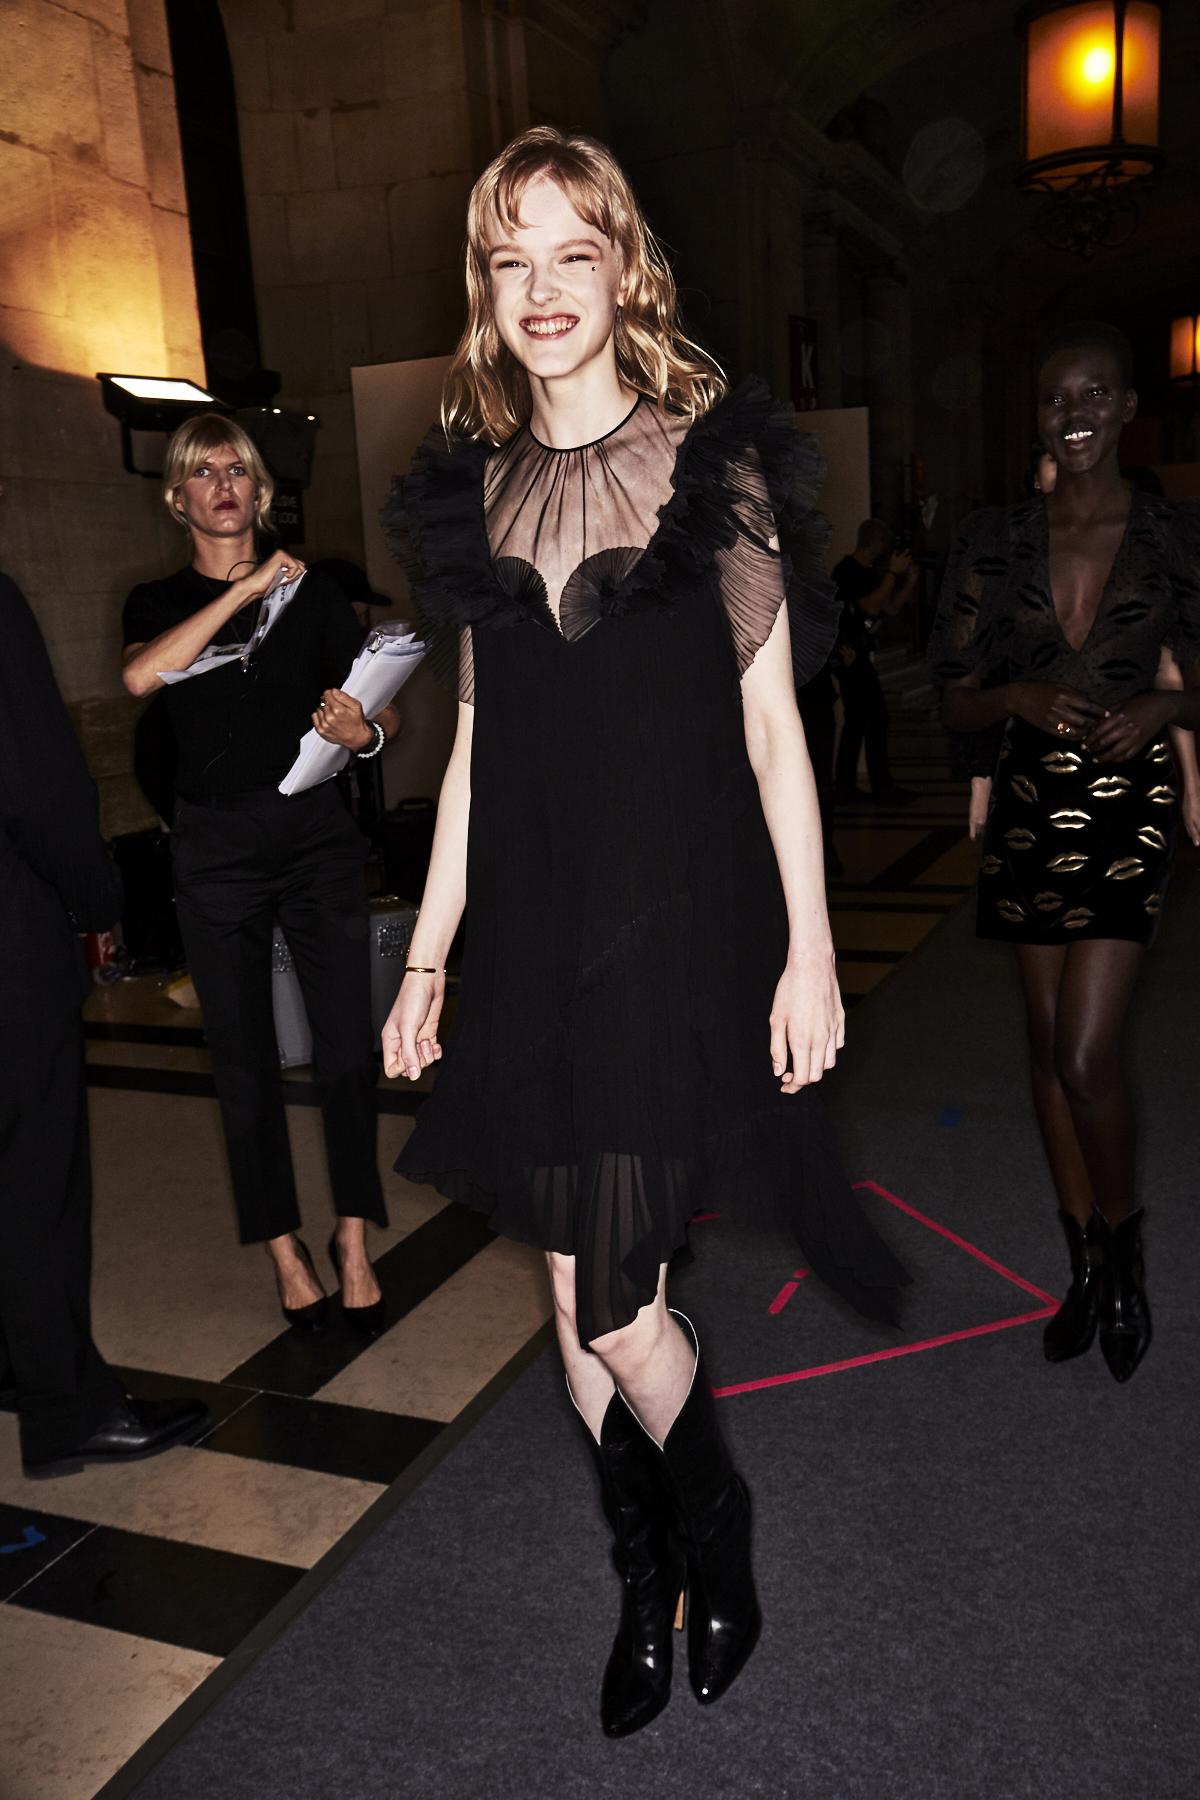 Auf dem Foto ist ein Model im Backstage-Bereich der ersten Modenschau von Designerin Claire Waight Keller für das Modehaus Givenchy in Paris zu sehen. Es handelt sich um die Präsentation der F/S 2018 Kollektion. Das Model tägt ein schwarzes Kleid mit kurzen Rüschenärmeln. Dazu kombiniert sie schwarze Cowboystiefel..